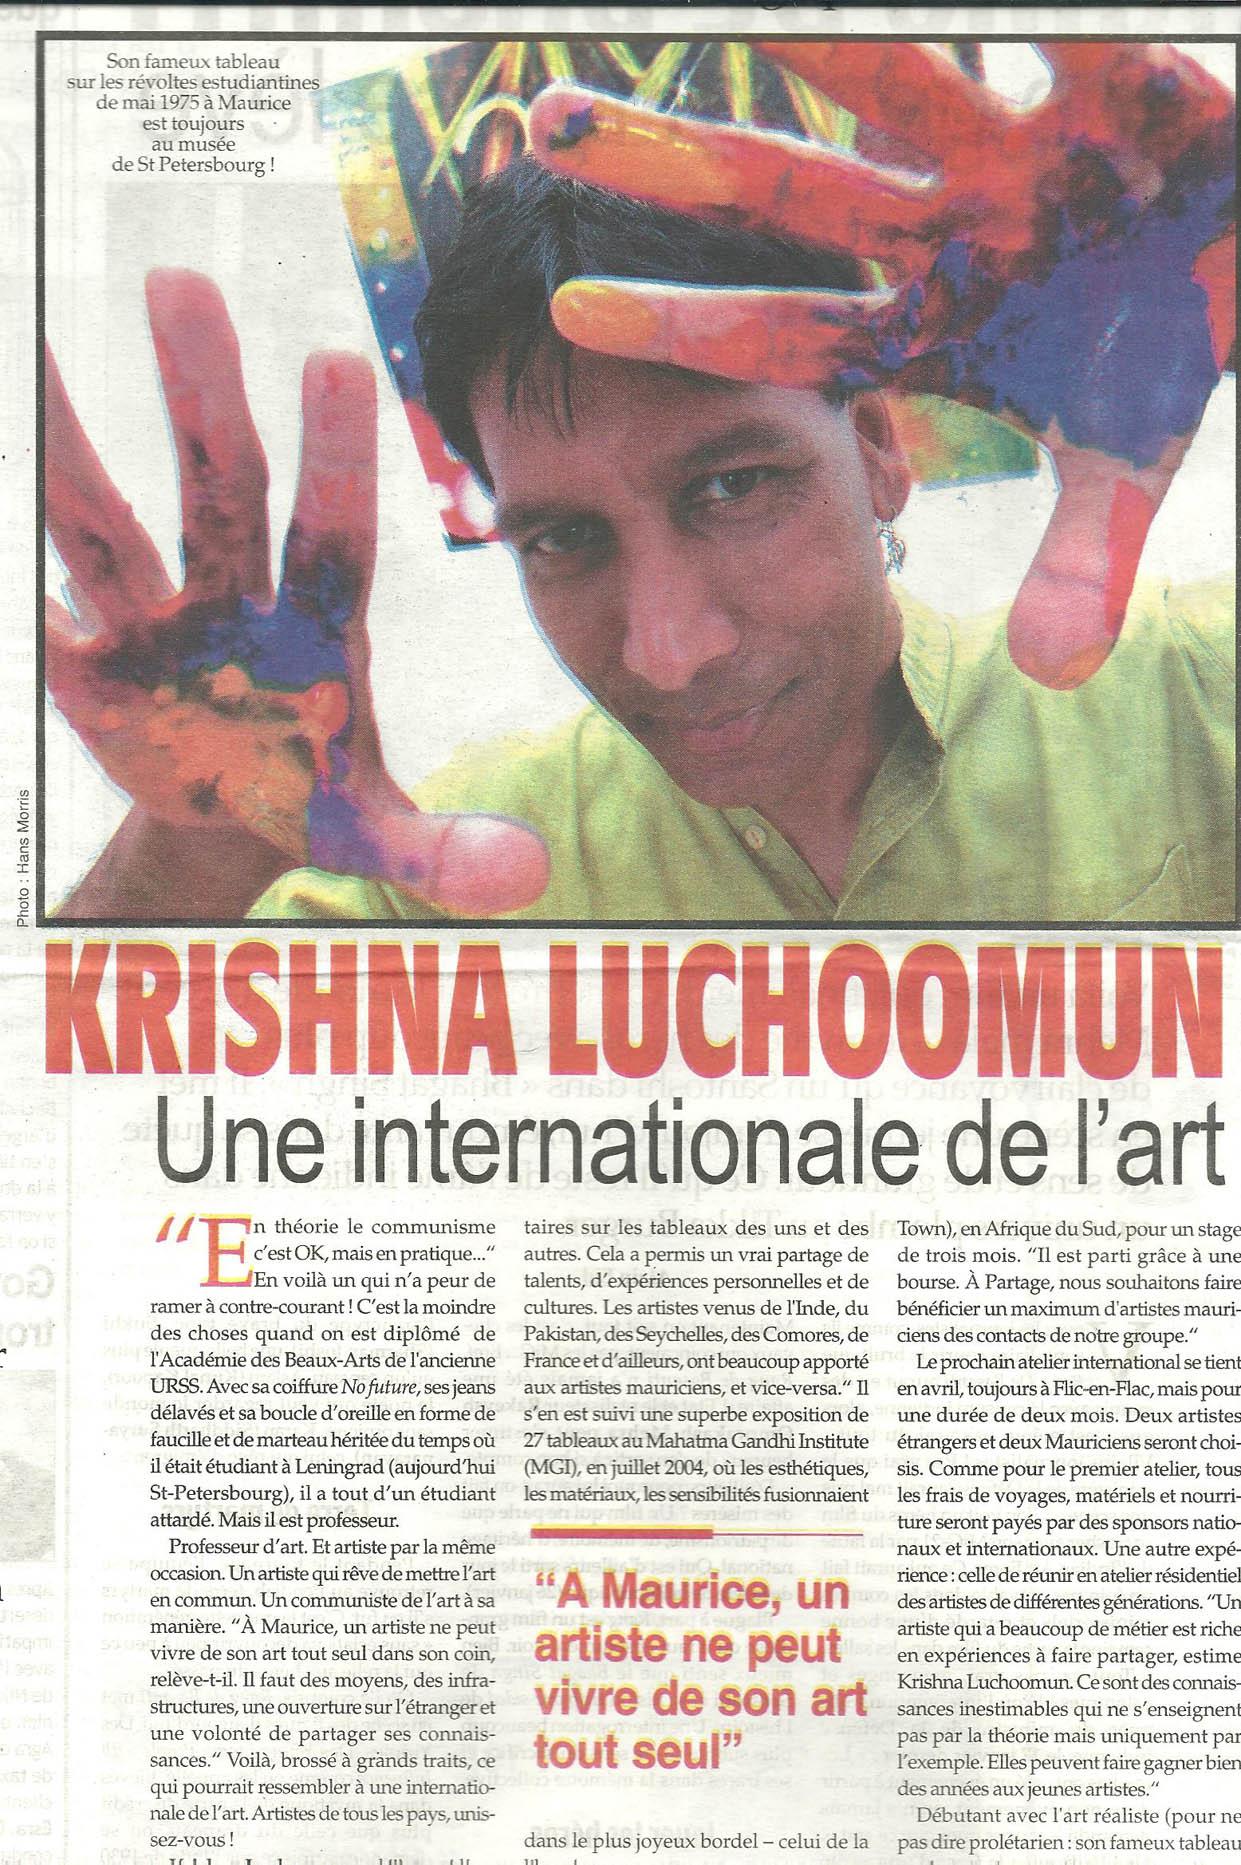 Krishna Luchoomun, Une internationale de l'art. L`HEBDO. January 2016